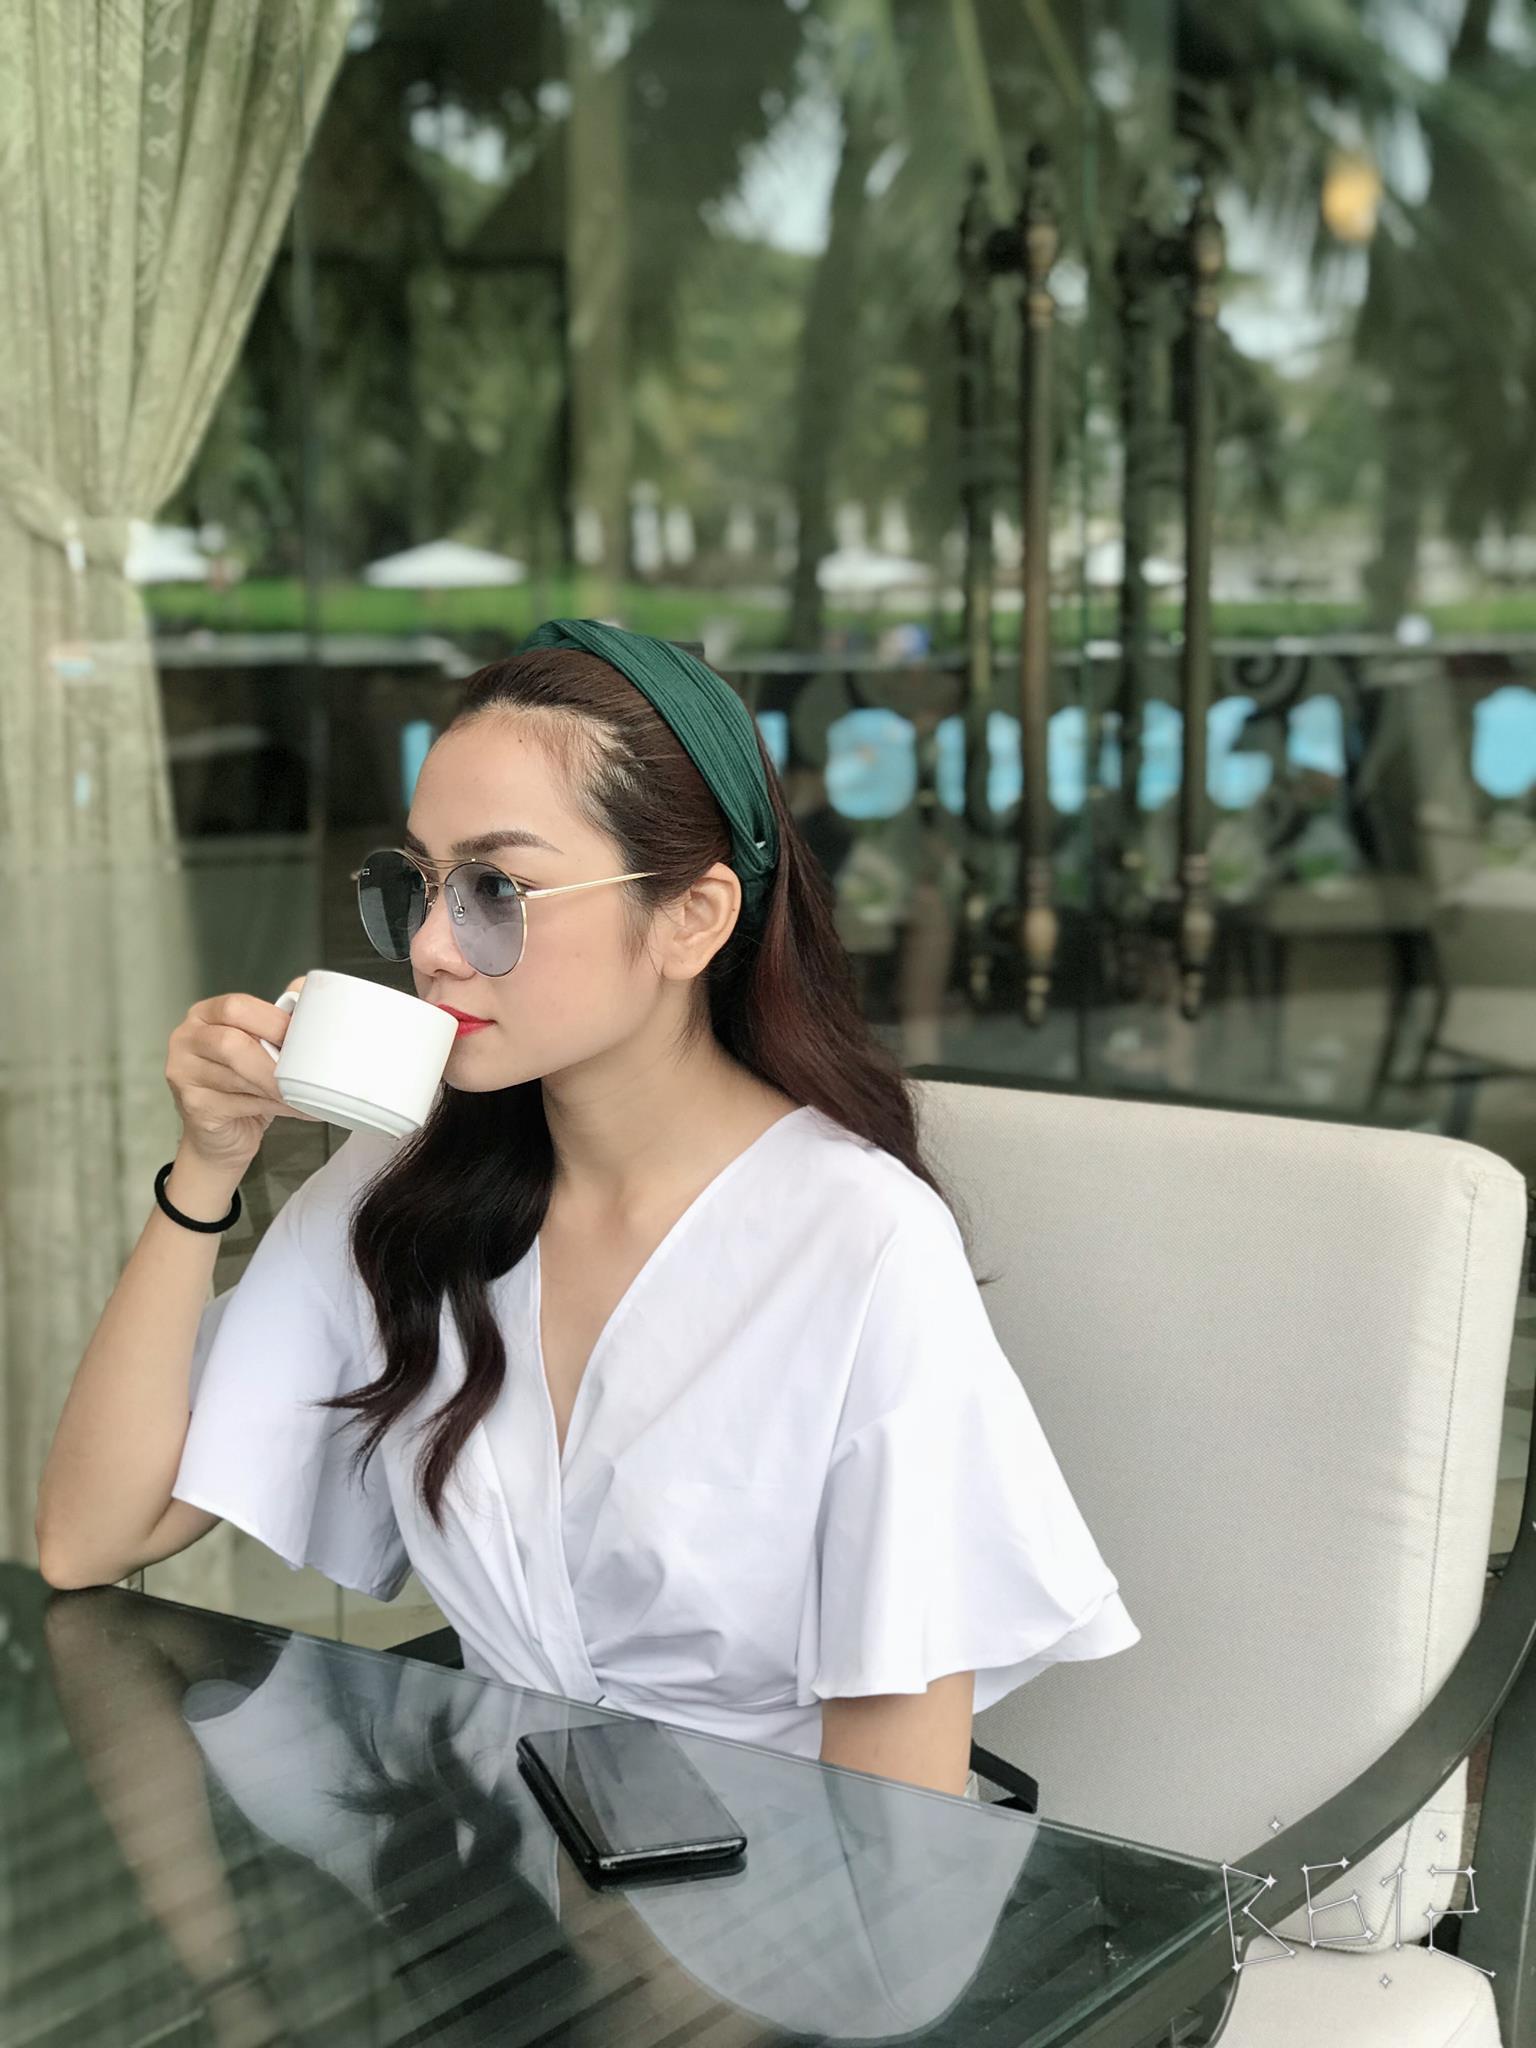 Cận cảnh nhan sắc chuẩn hotgirl của em dâu Minh Hằng - Ảnh 7.